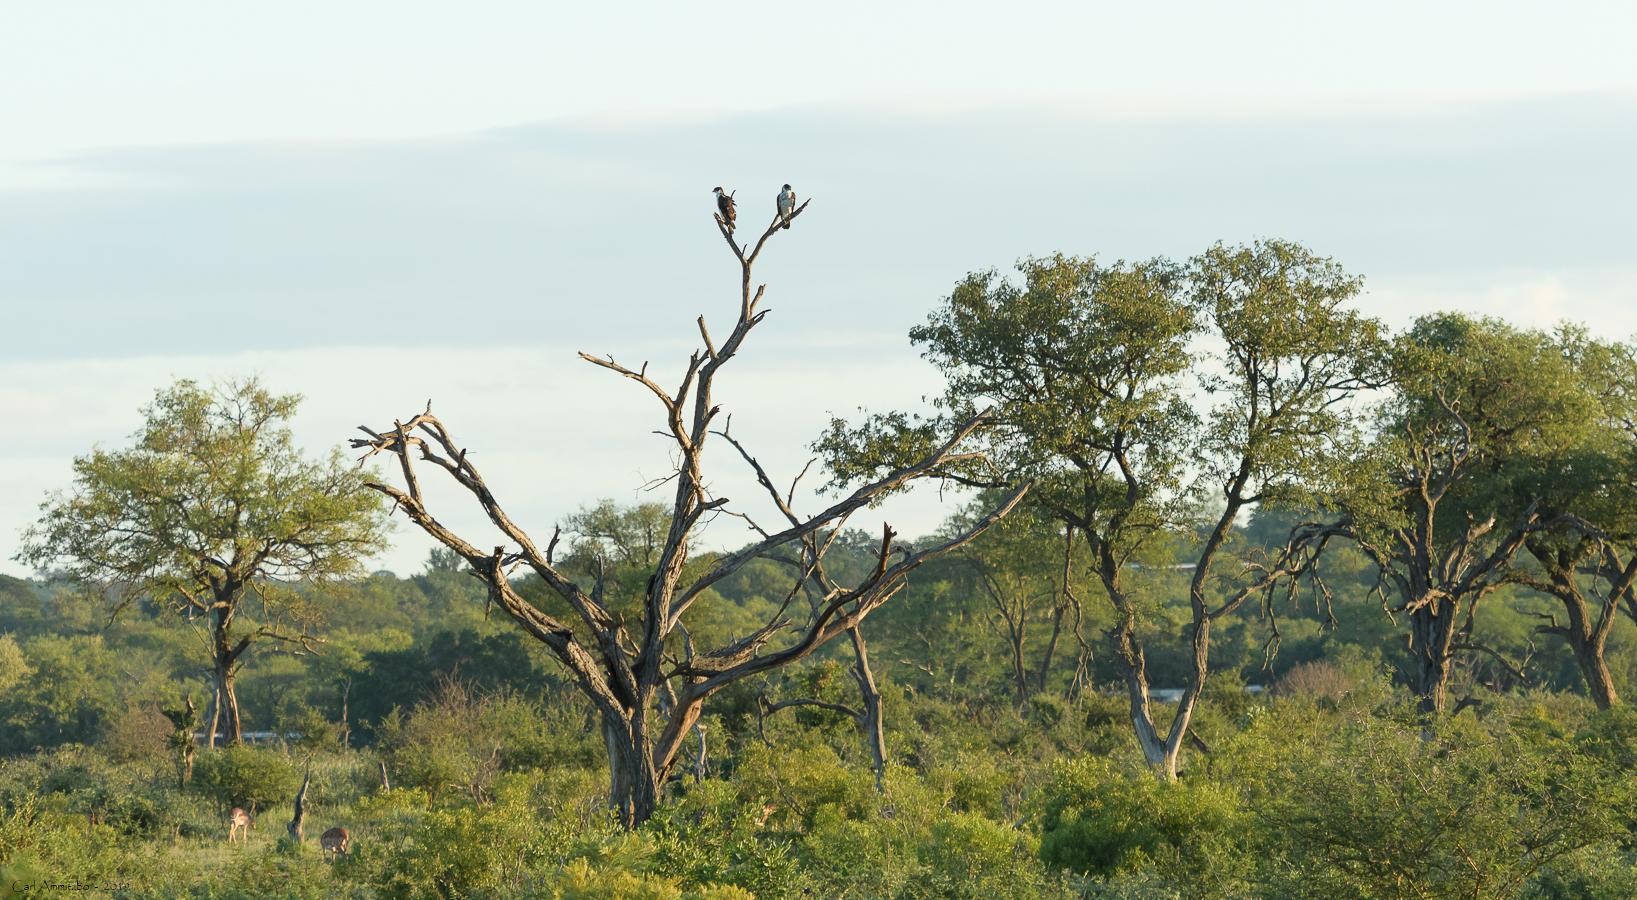 08 - 0218 - Afrikansk høgeørn - 01 - Kruger